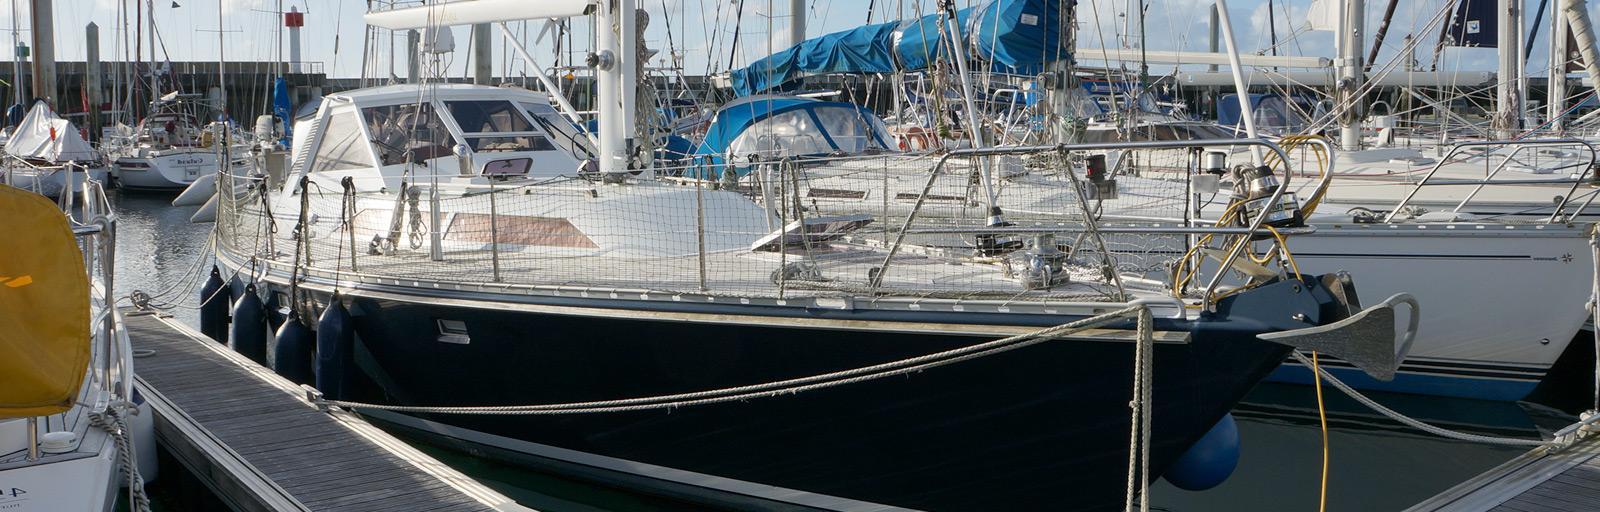 AYC Yachtbrokers - Trintella 44 Aluminium